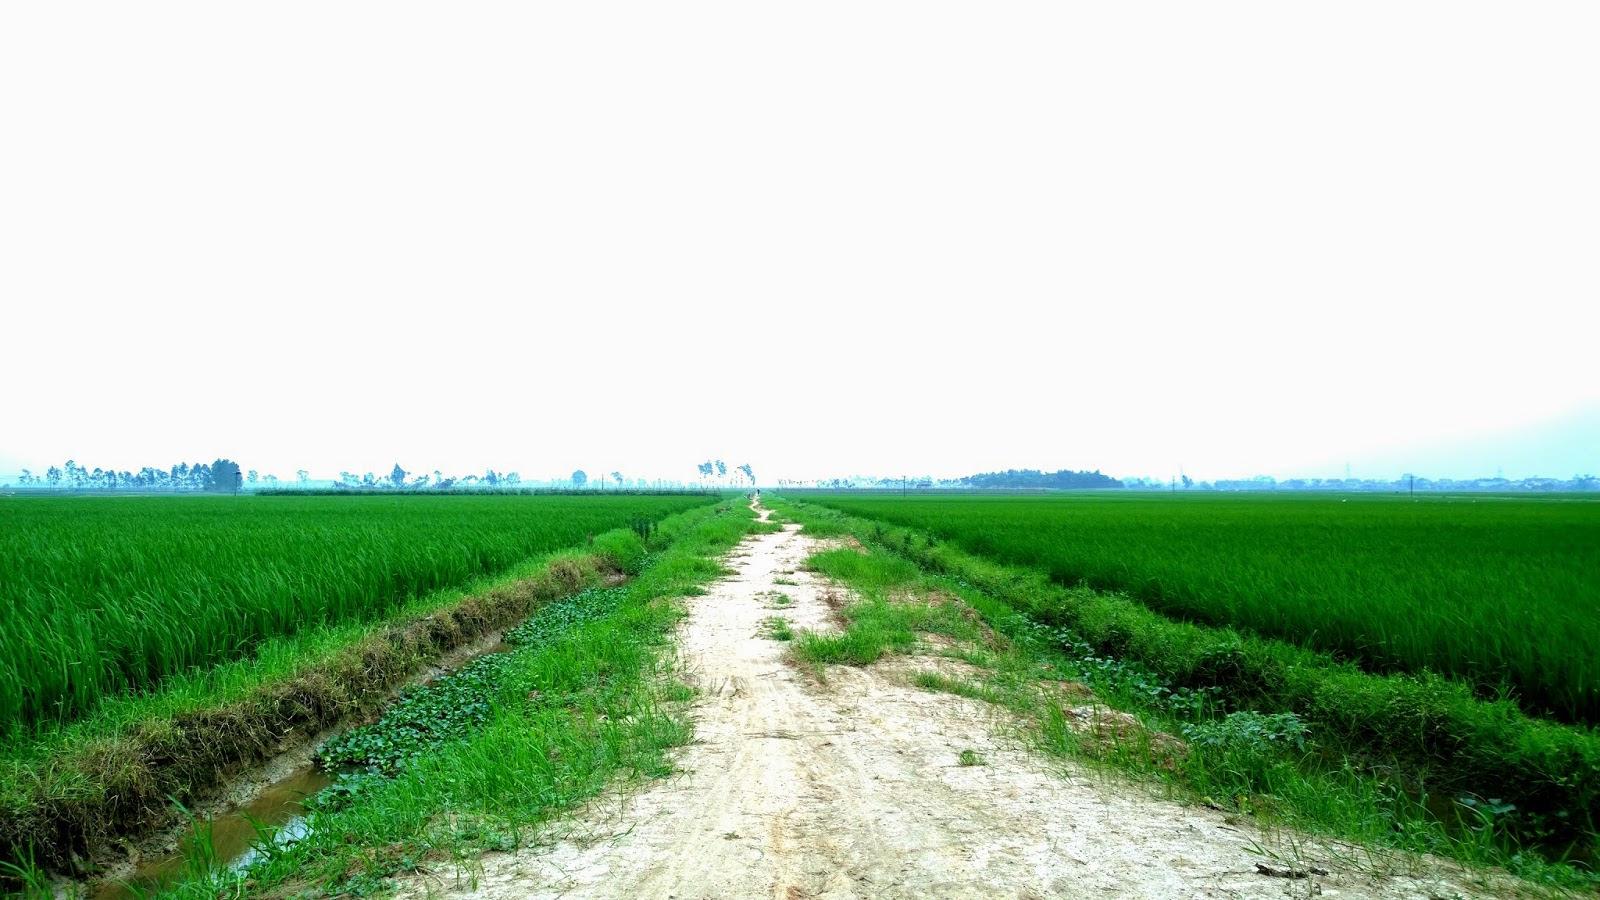 đường đi tới đồi 79 mùa xuân